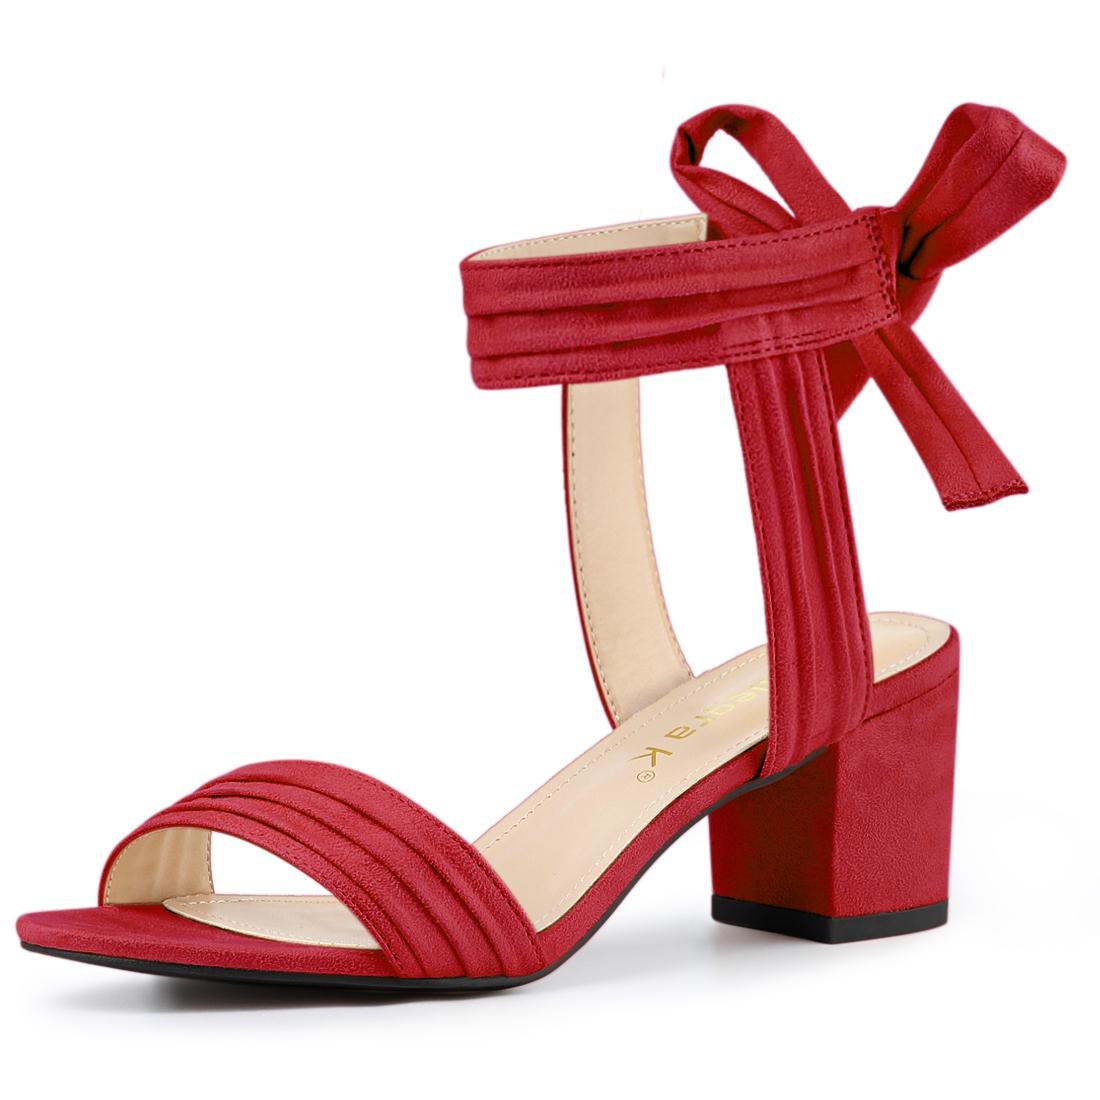 Allegra K Women's Open Toe Ankle Tie Back Block Heel Sandals Red US 9